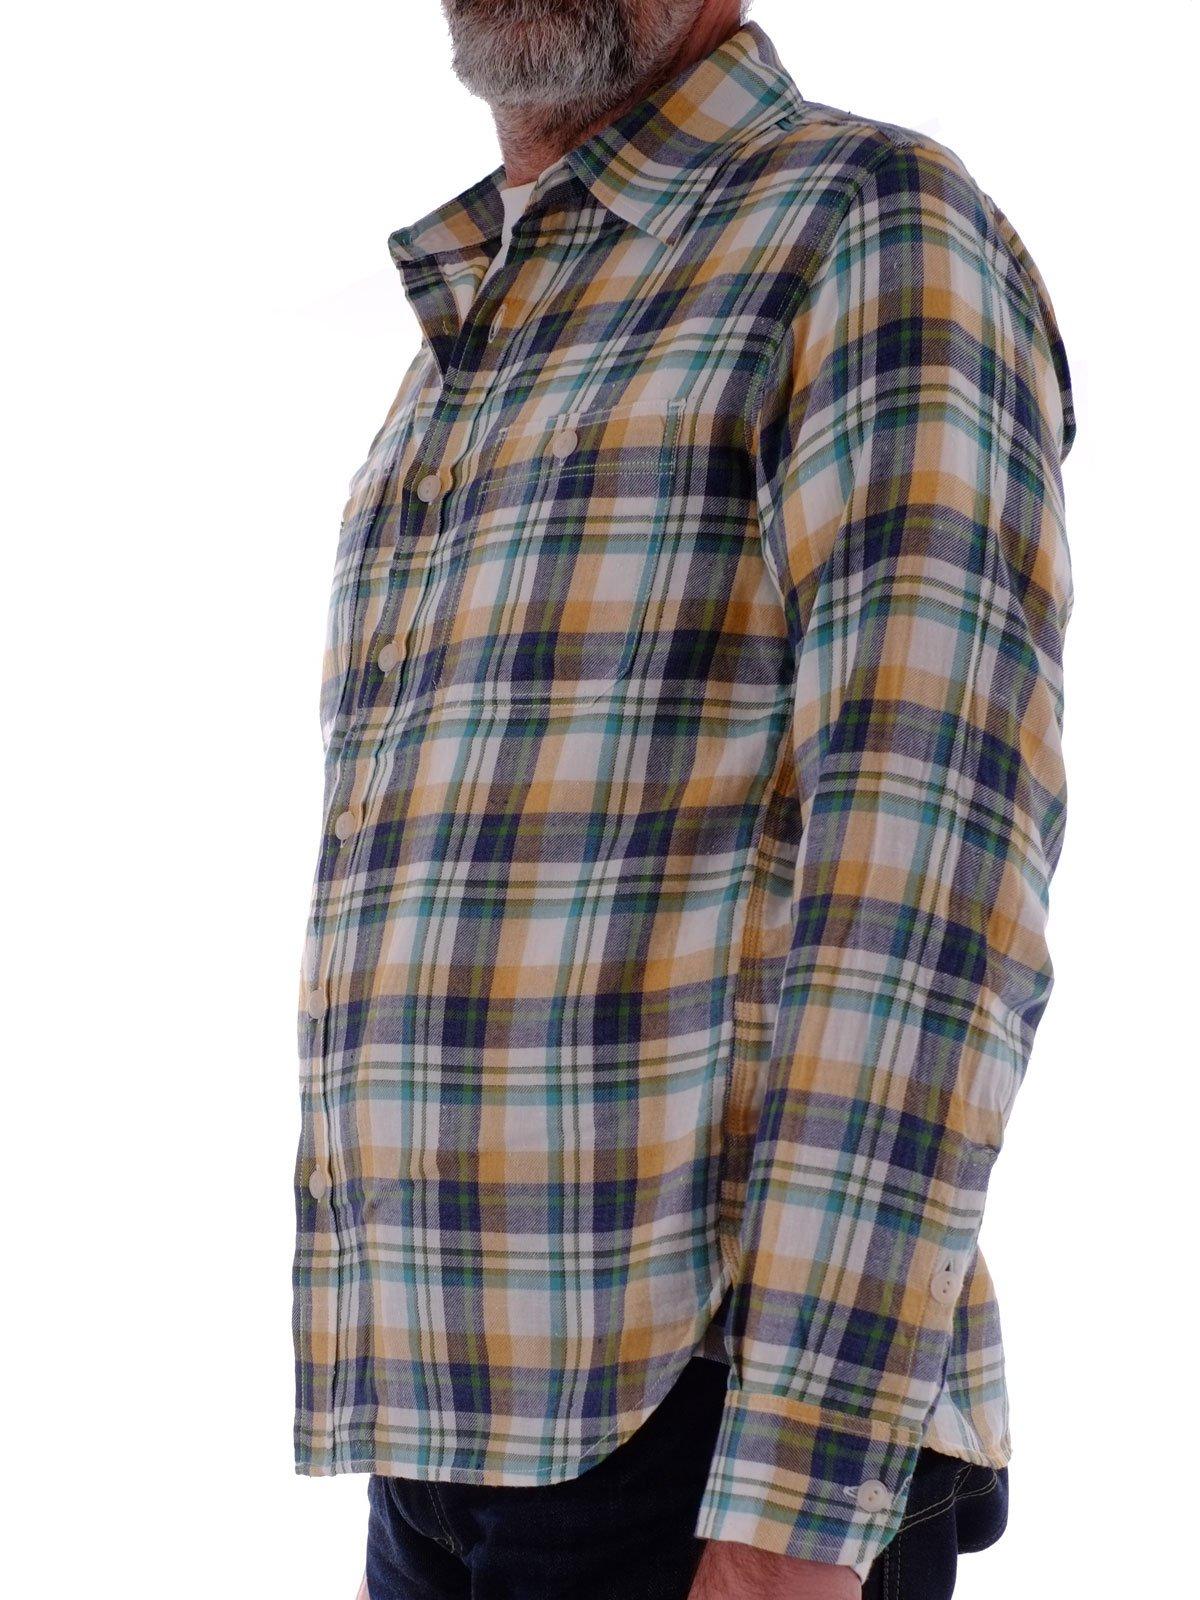 e9b9b4918d0 Lightweight Cotton Summer Flannel